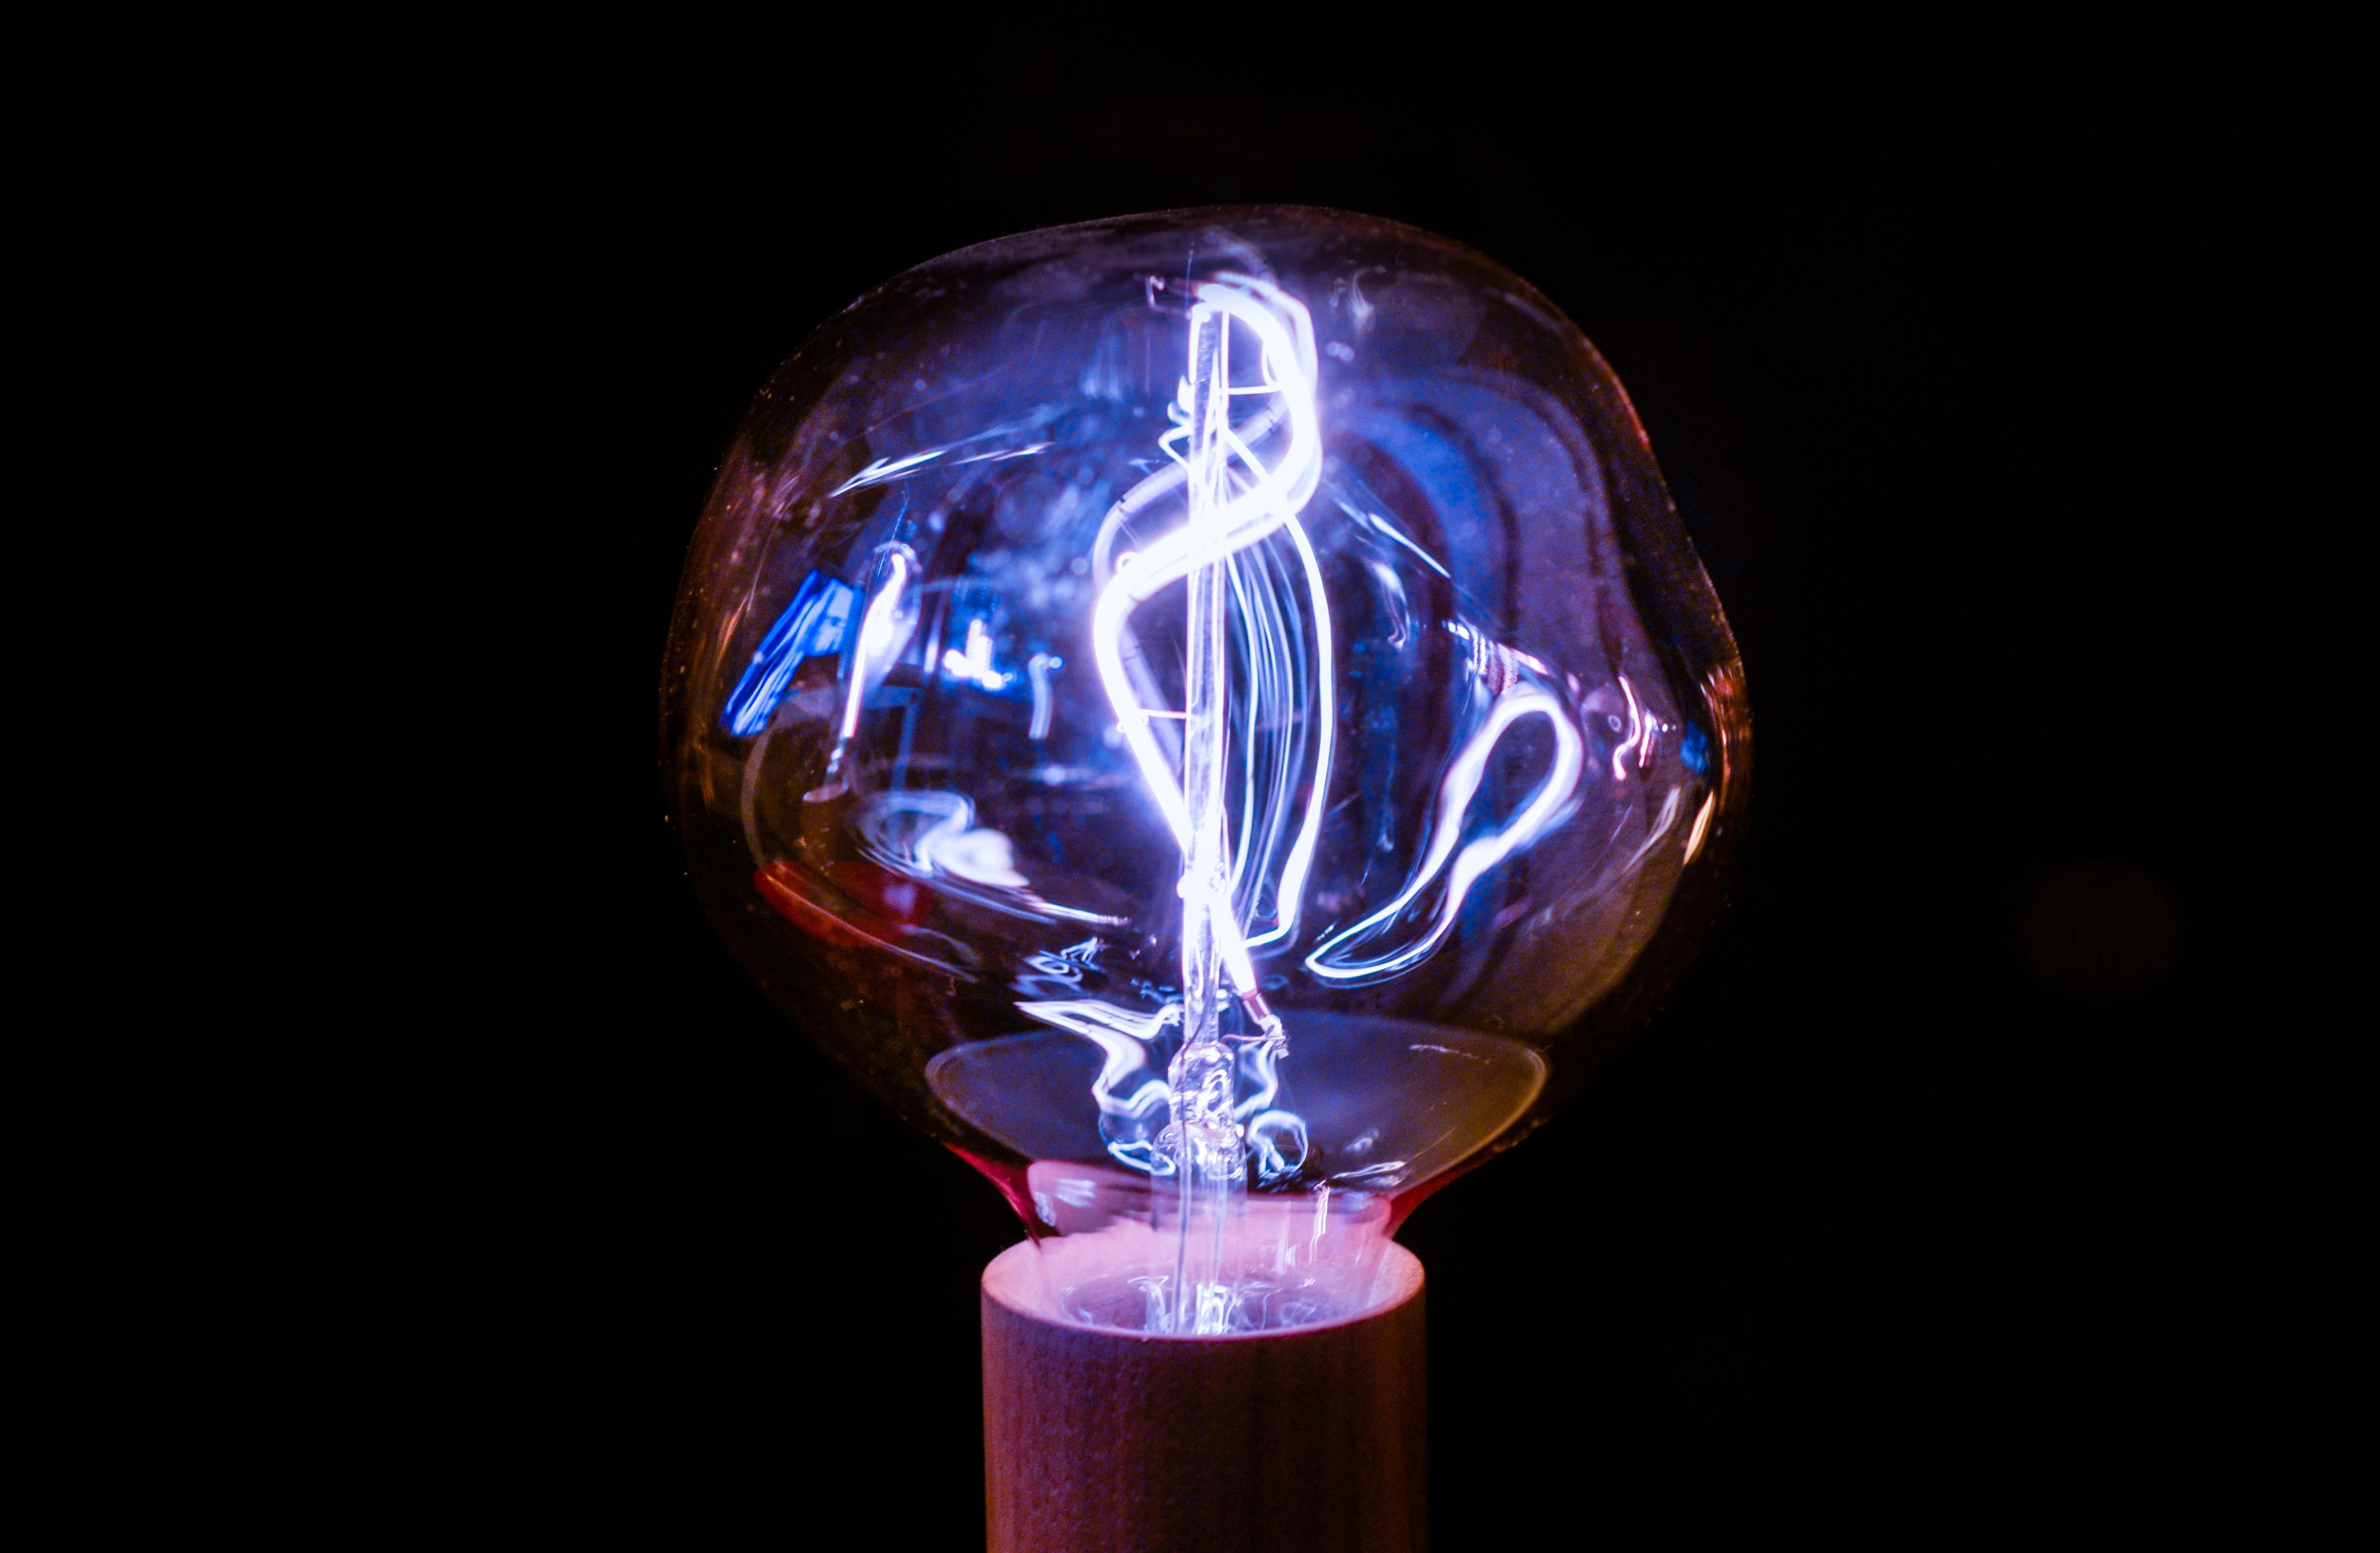 Brown framed light bulb photo